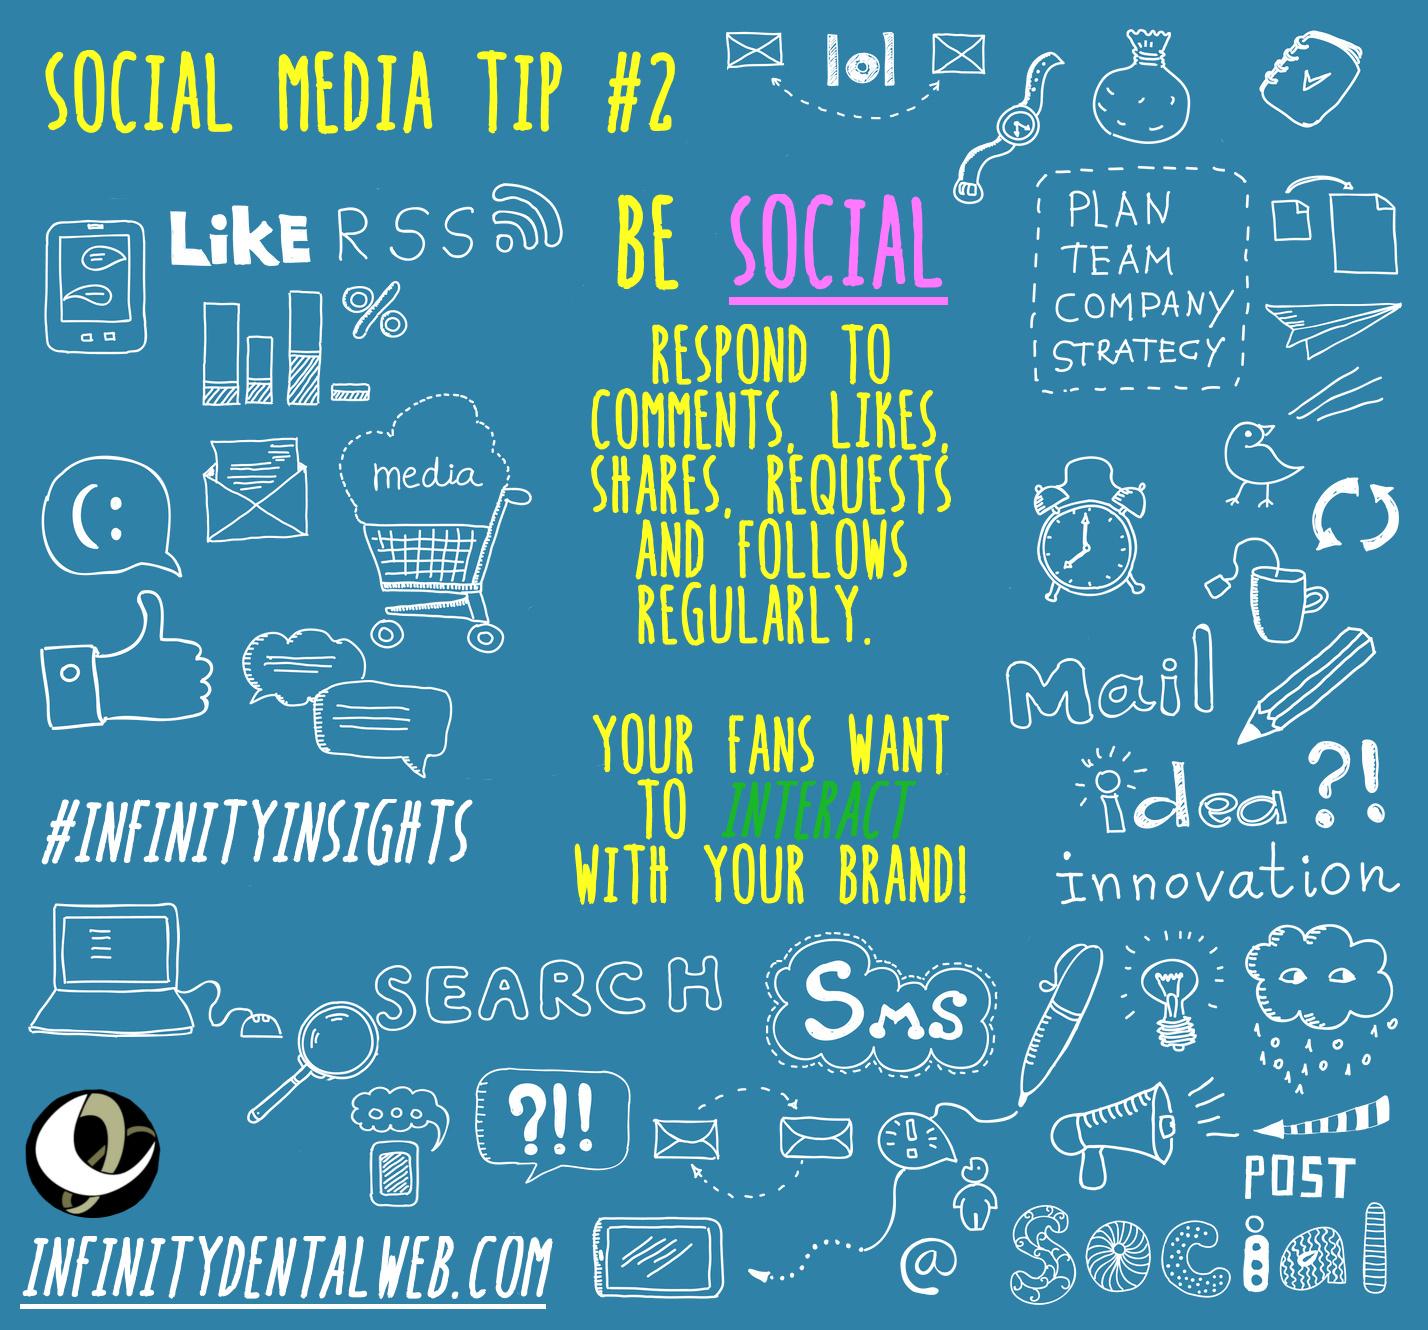 Social Media Tips from Infinity Dental Web